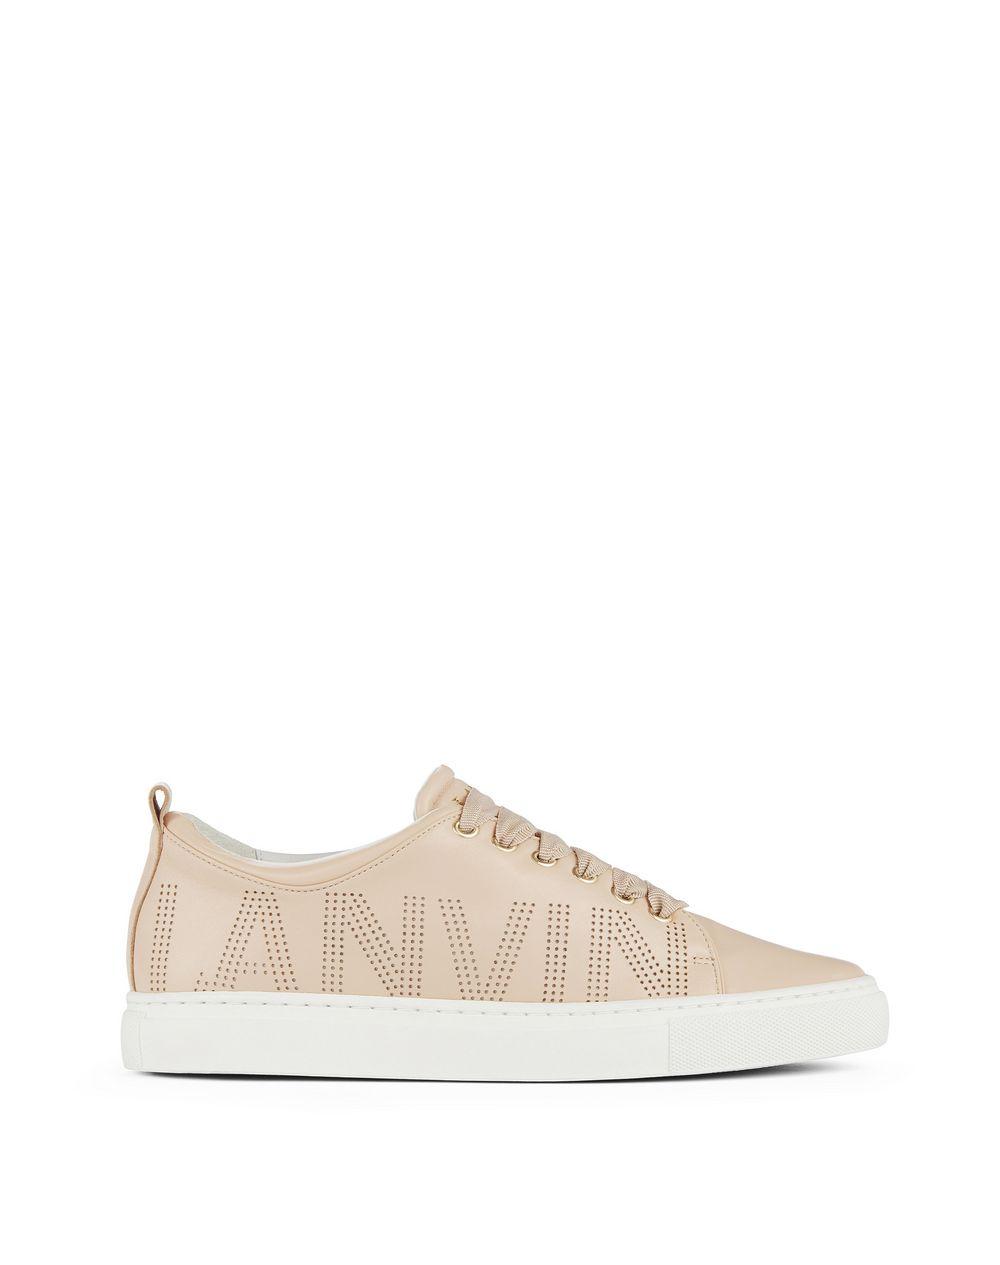 Lanvin PERFORATED LOGO SNEAKER , Sneakers Women ...